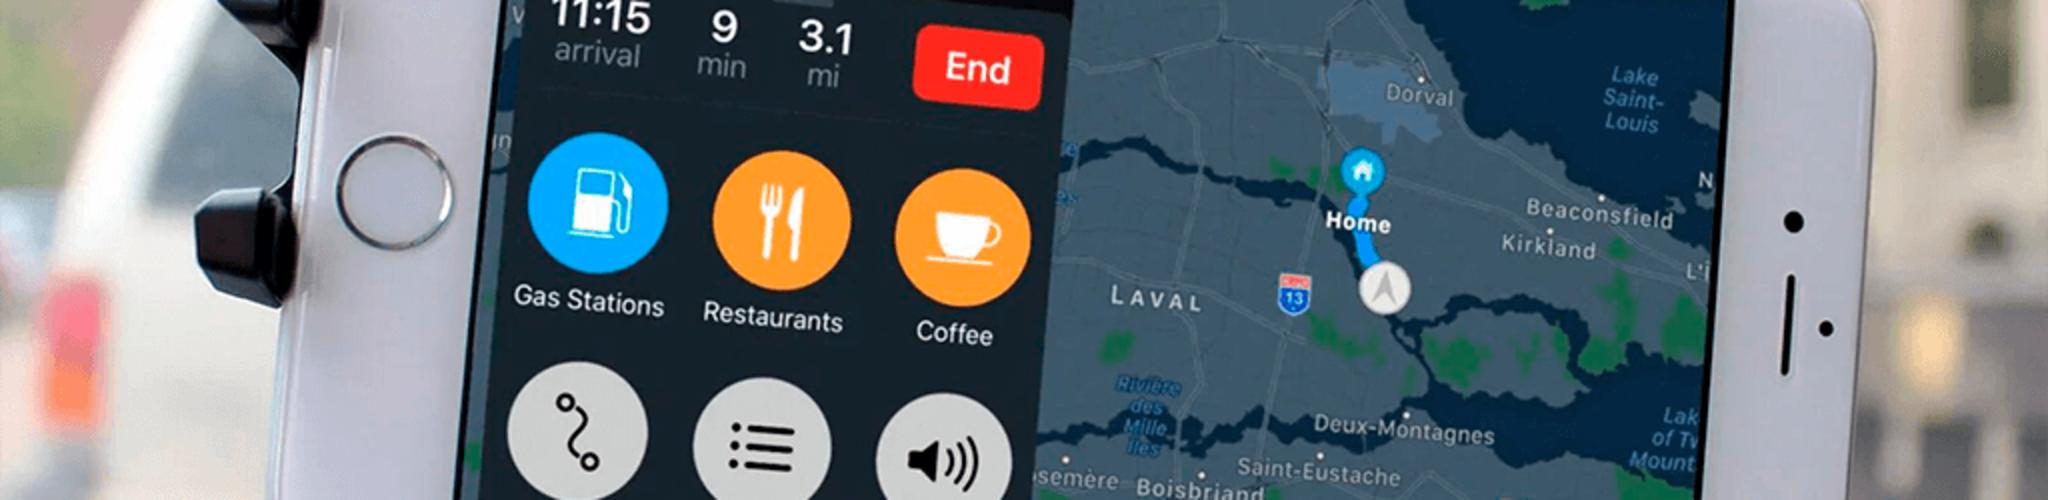 Лучший навигатор для iPhone с интернетом и без: подборка с личным рейтингом